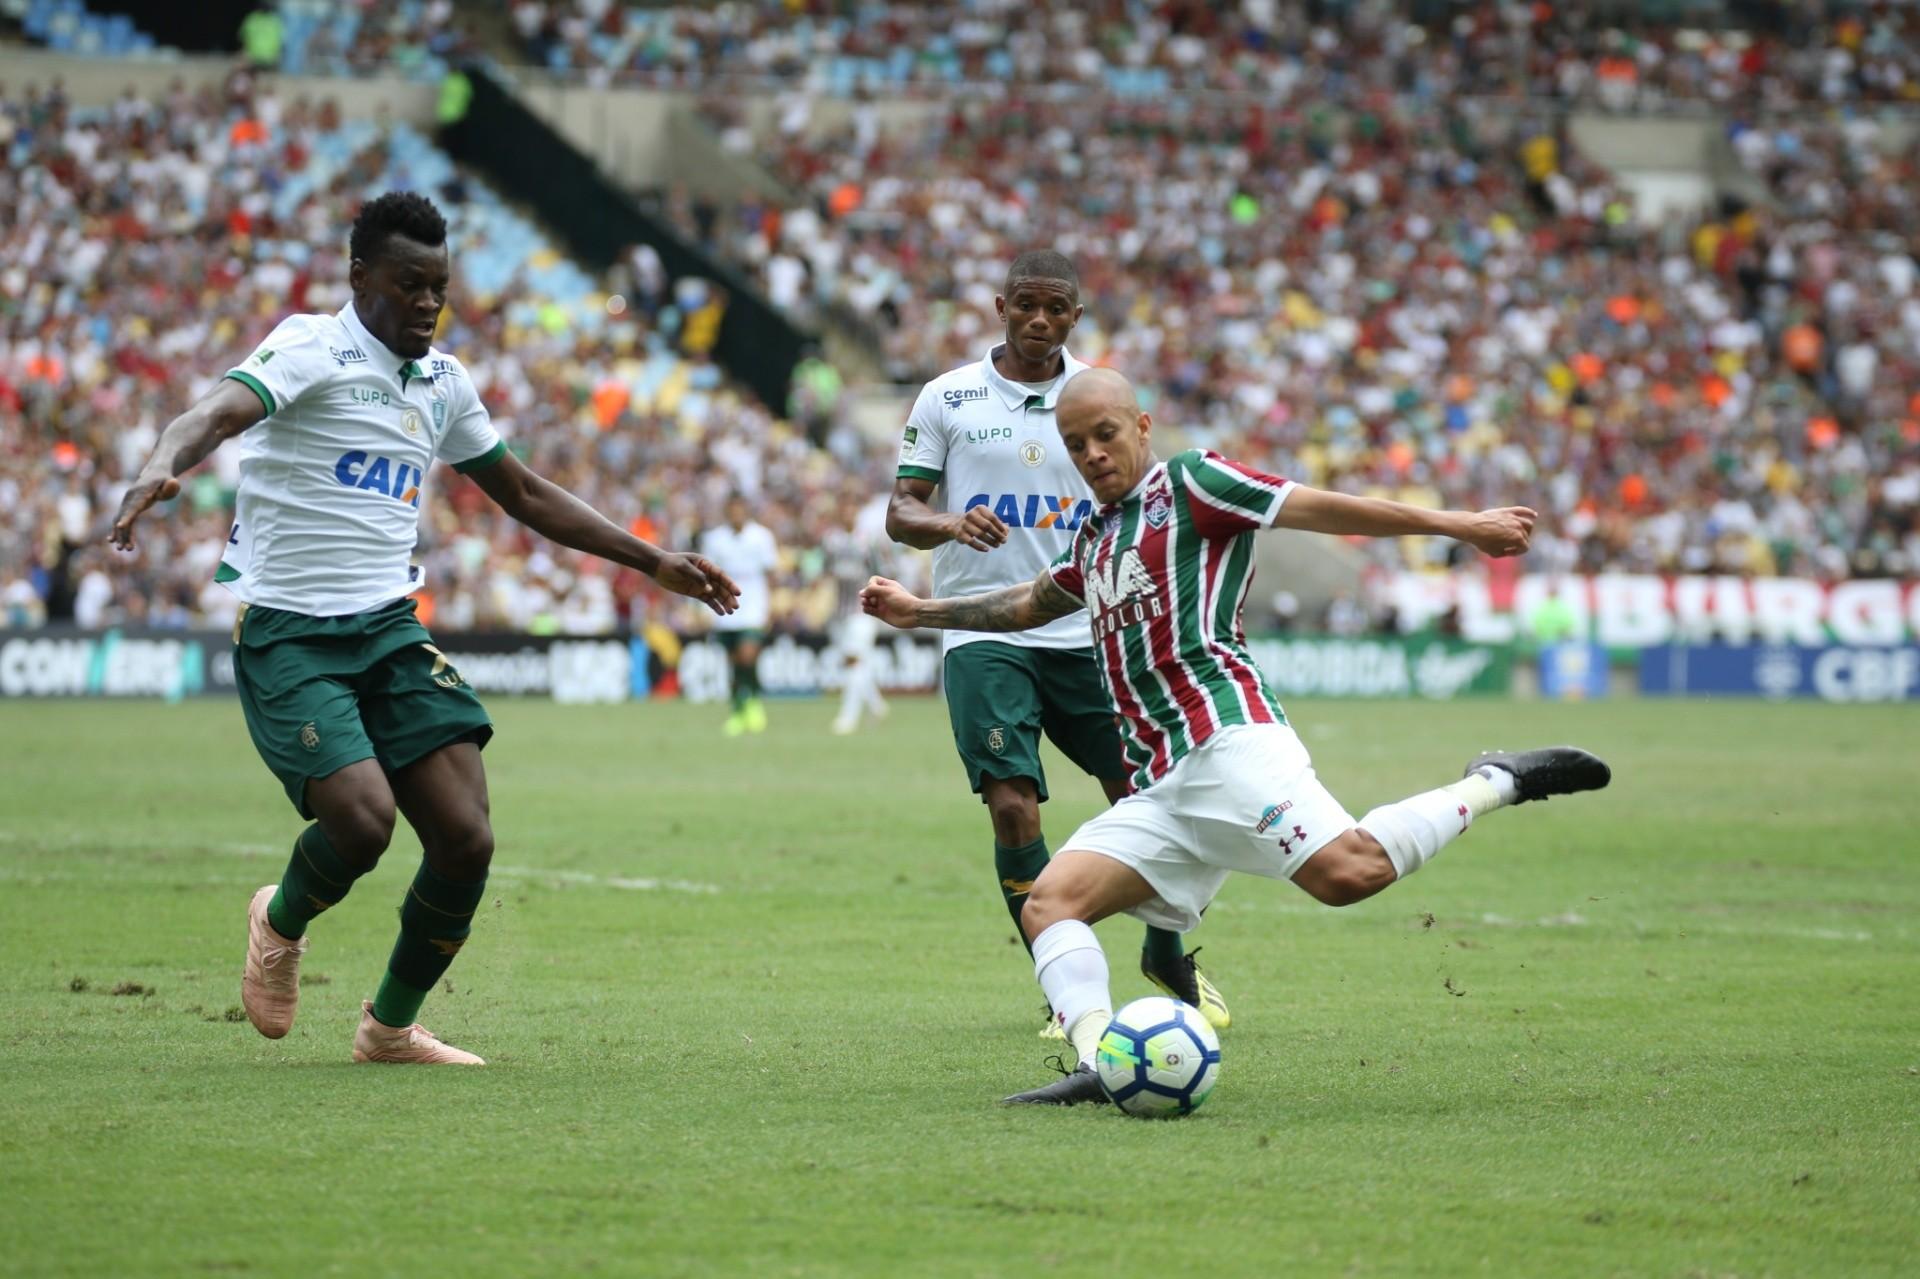 Fluminense encara o América MG pela 38ª rodada do Campeonato Brasileiro no Maracan£